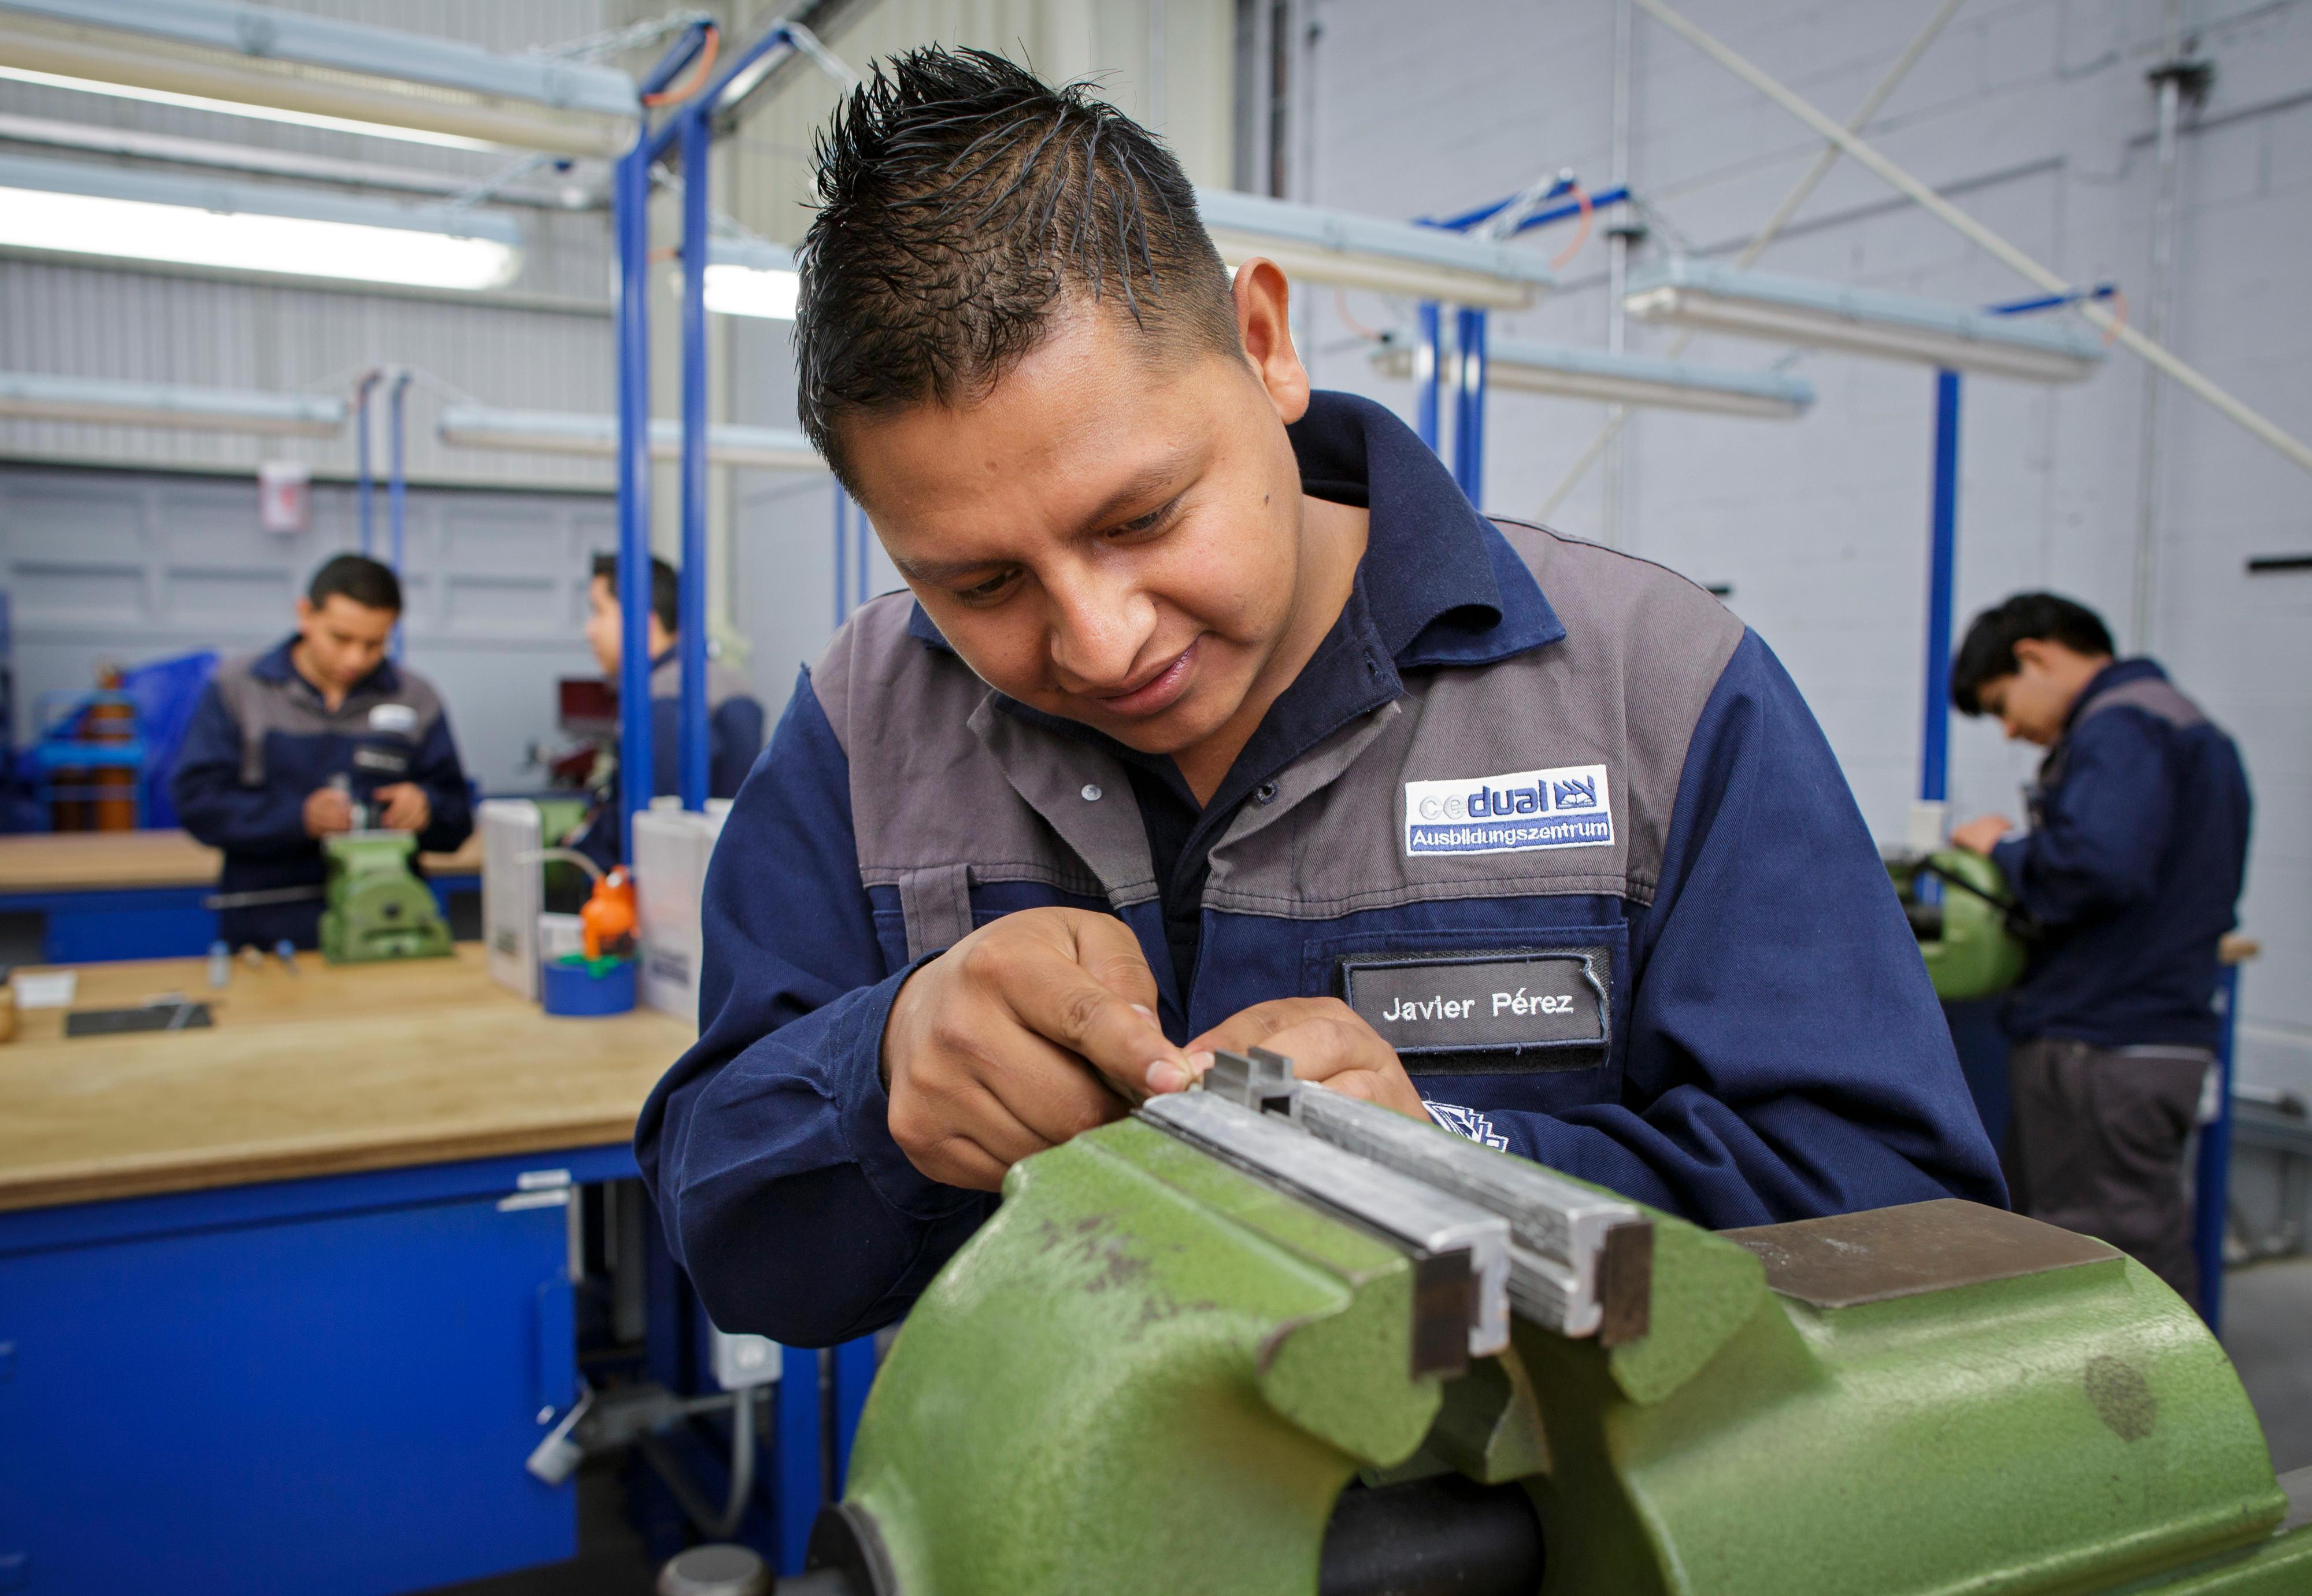 Industriemechaniker in einem Berufsbildungszentrum in Mexiko